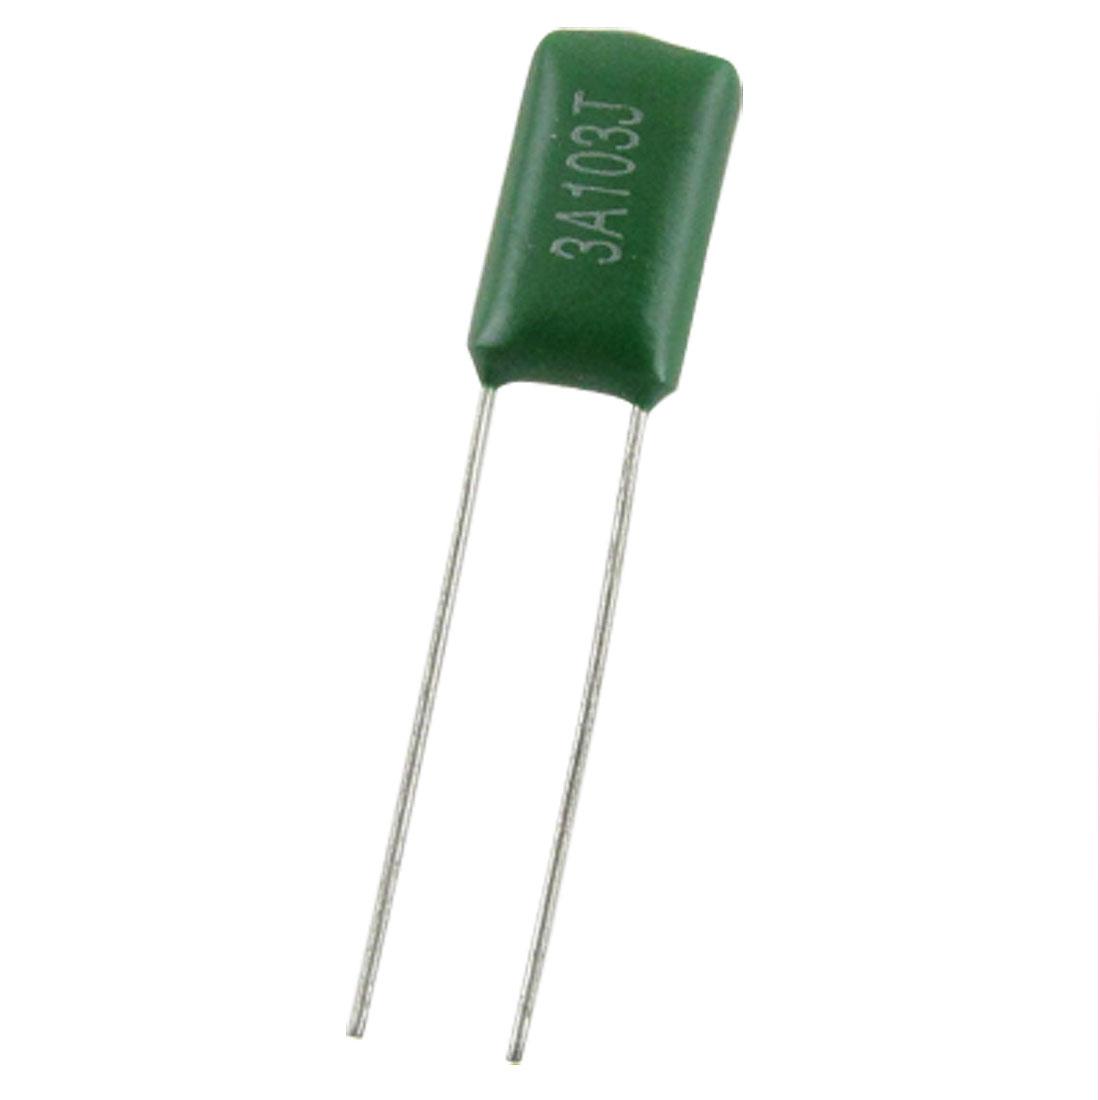 50 Pcs 1000V 5% 10000pF 10nF 0.01uF Mylar Polyester Film Capacitors